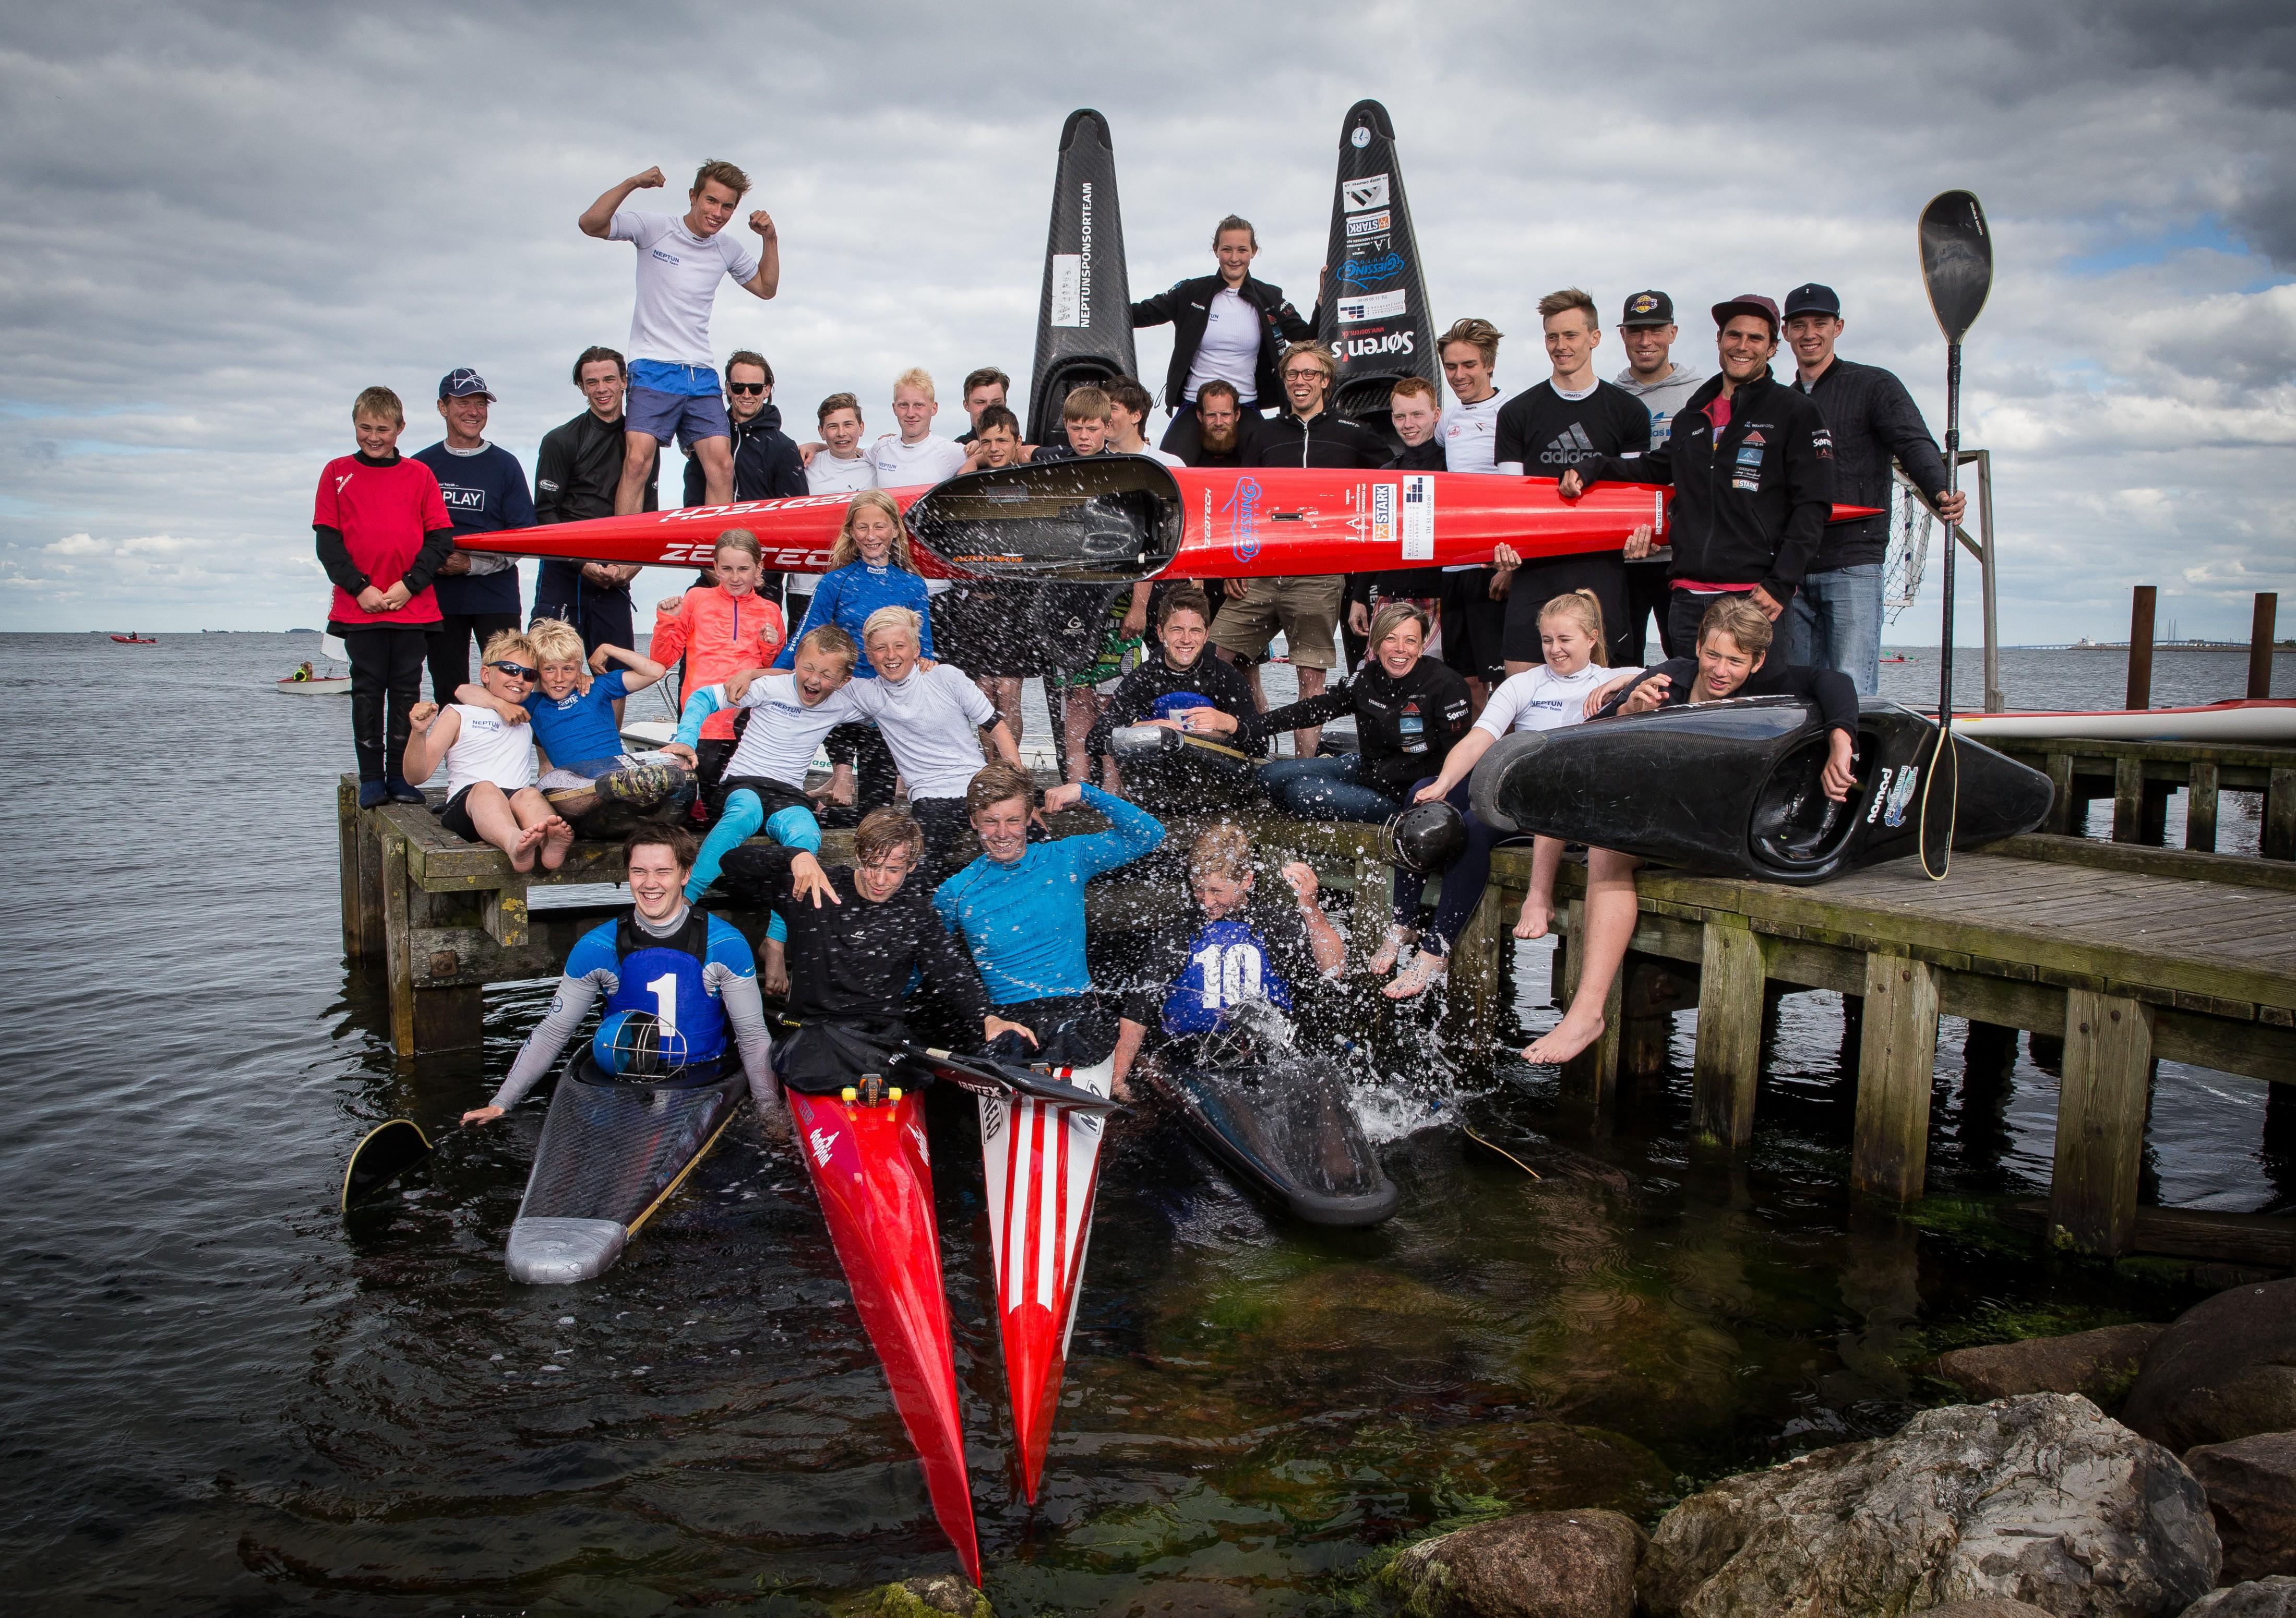 Øresunds unge Kap roere foreviget i Kastrup ved Amager Strandpark i København